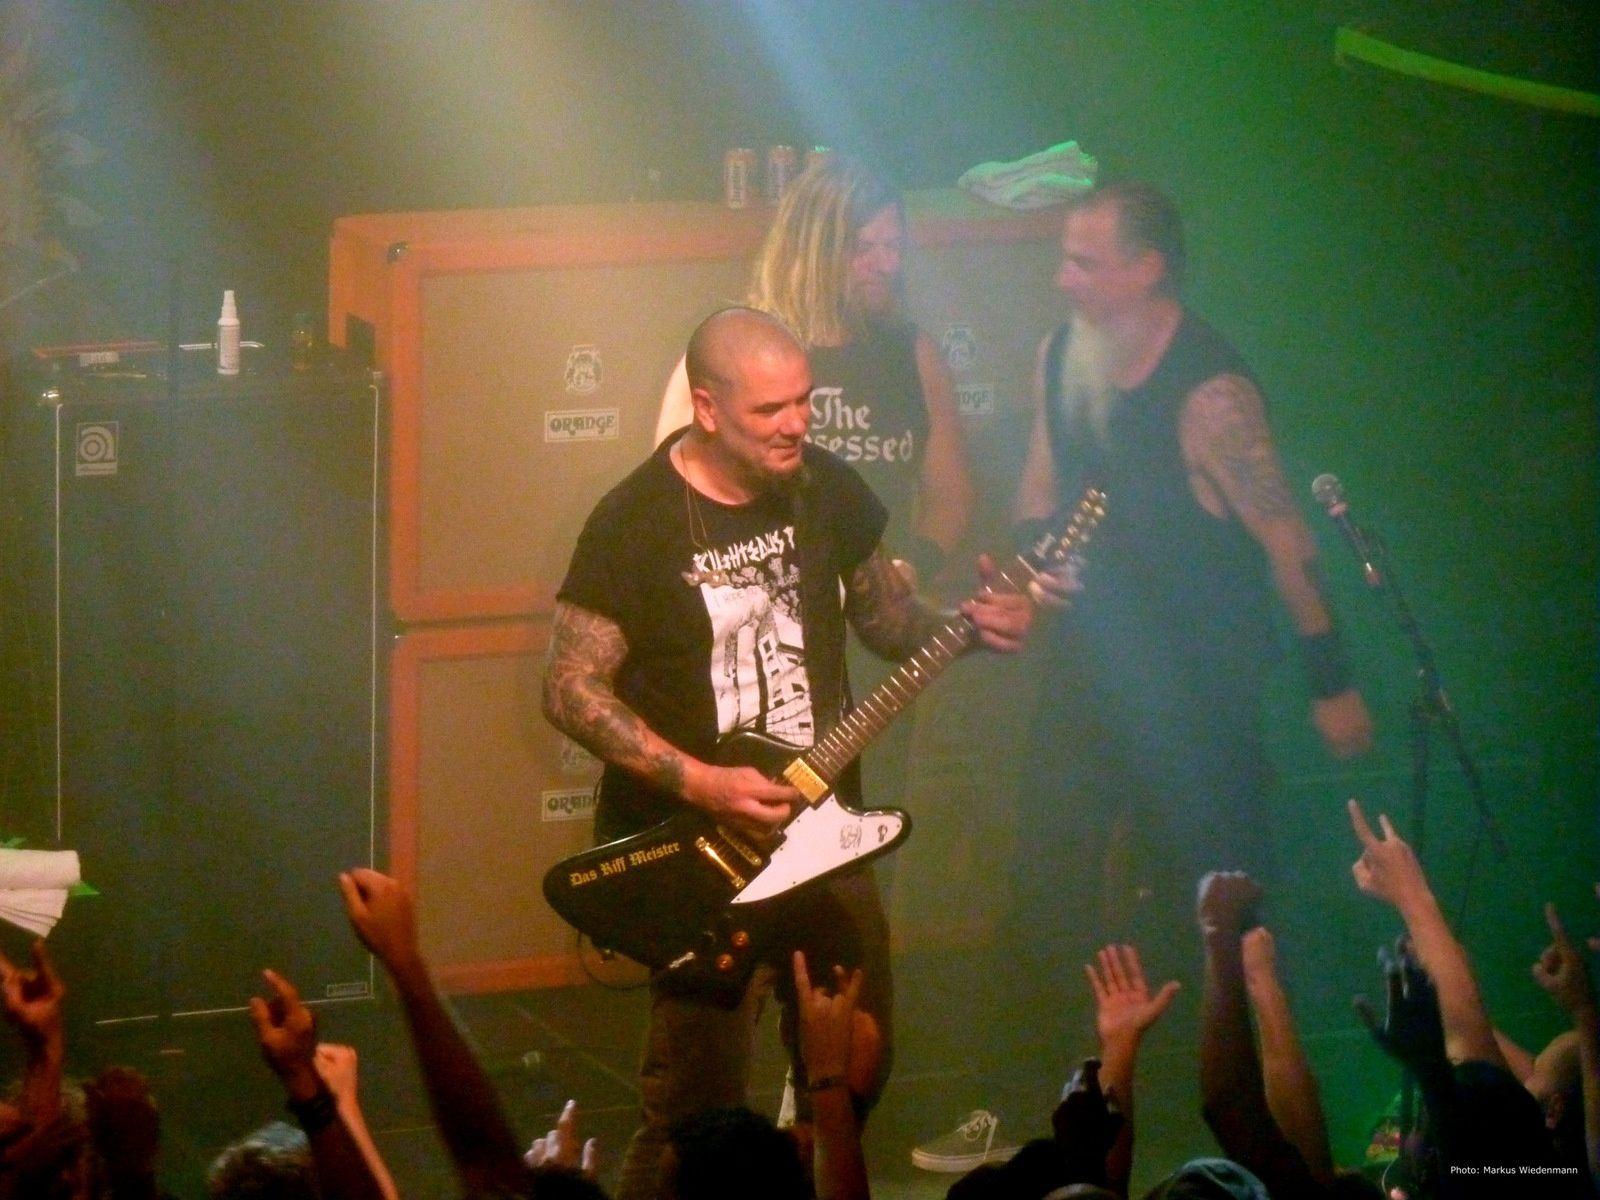 Live review DOWN, Melkweg, Amsterdam, 05.08.2014